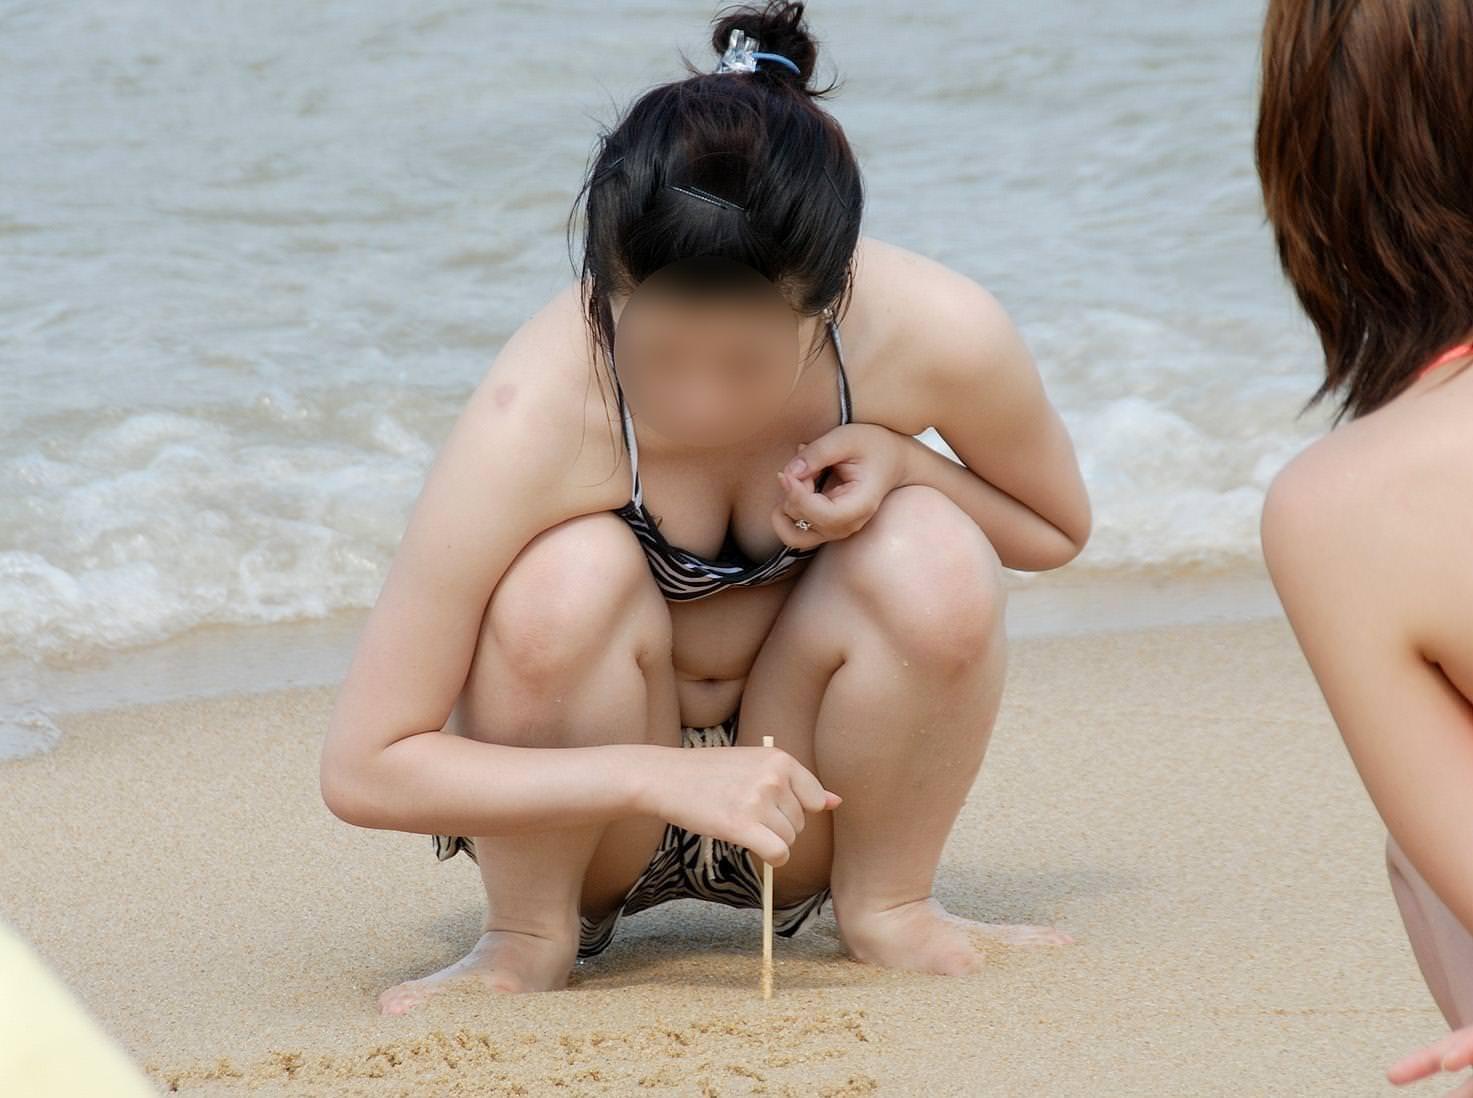 夏のビーチではたくさんのオナネタを発見する事が出来るエロ画像 1224